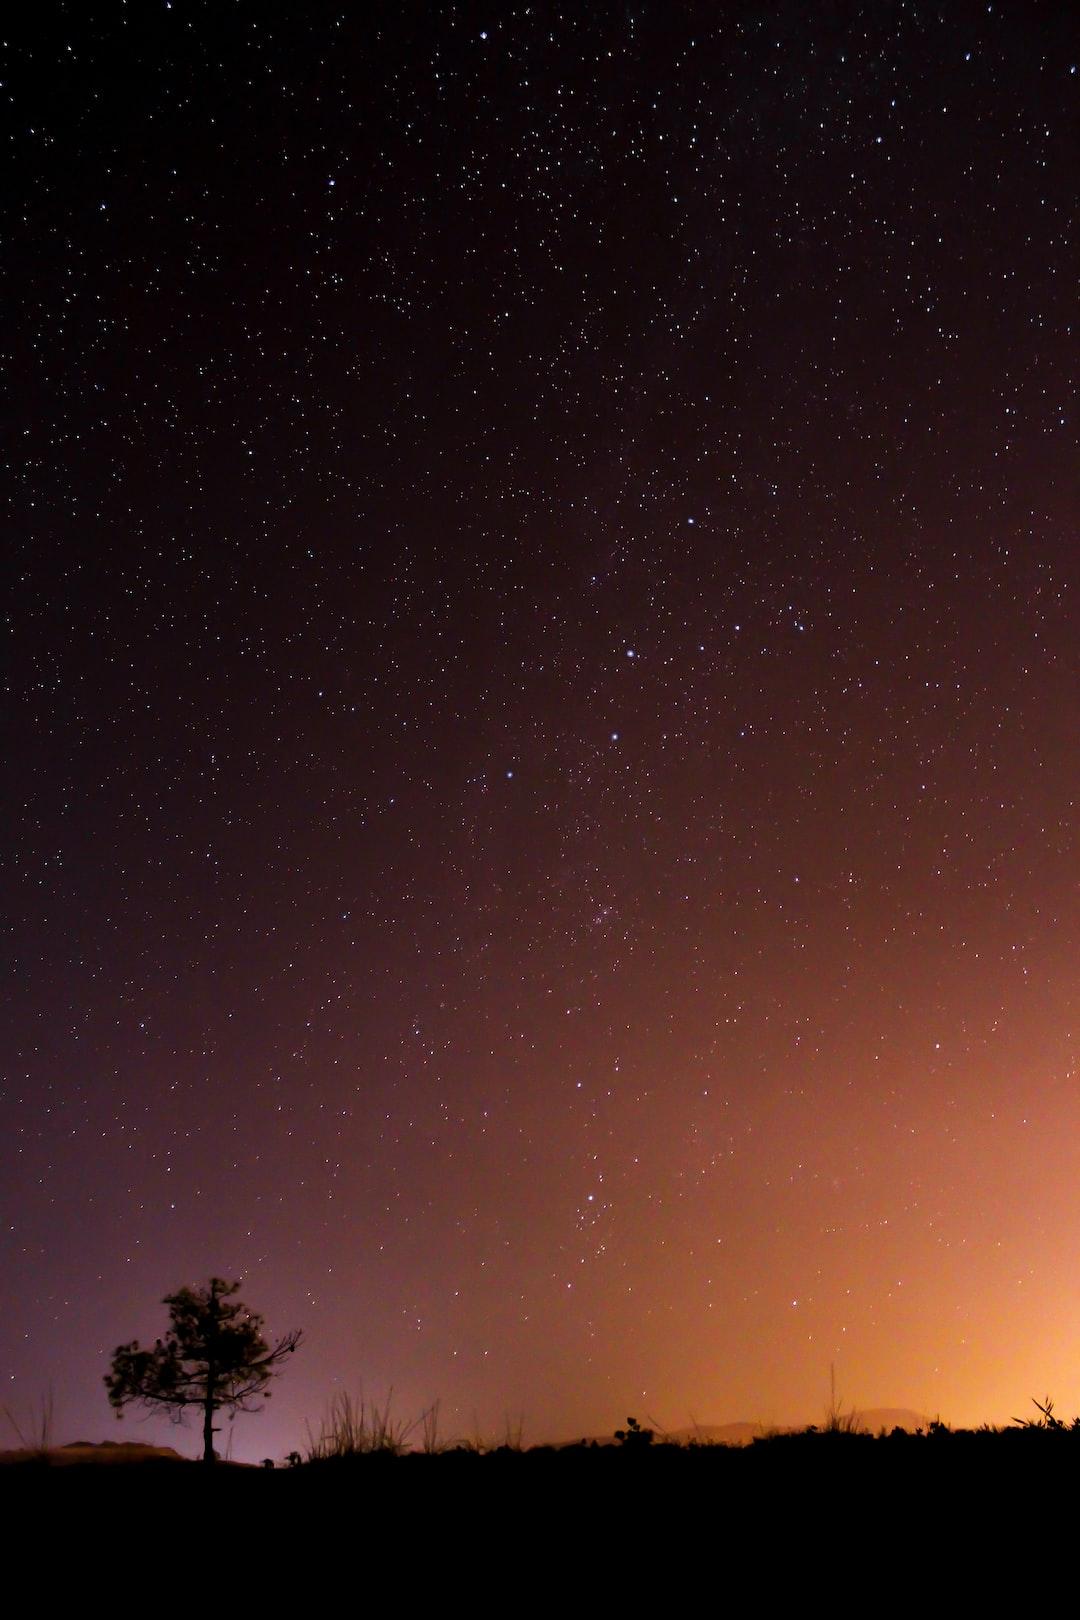 Black and orange night sky